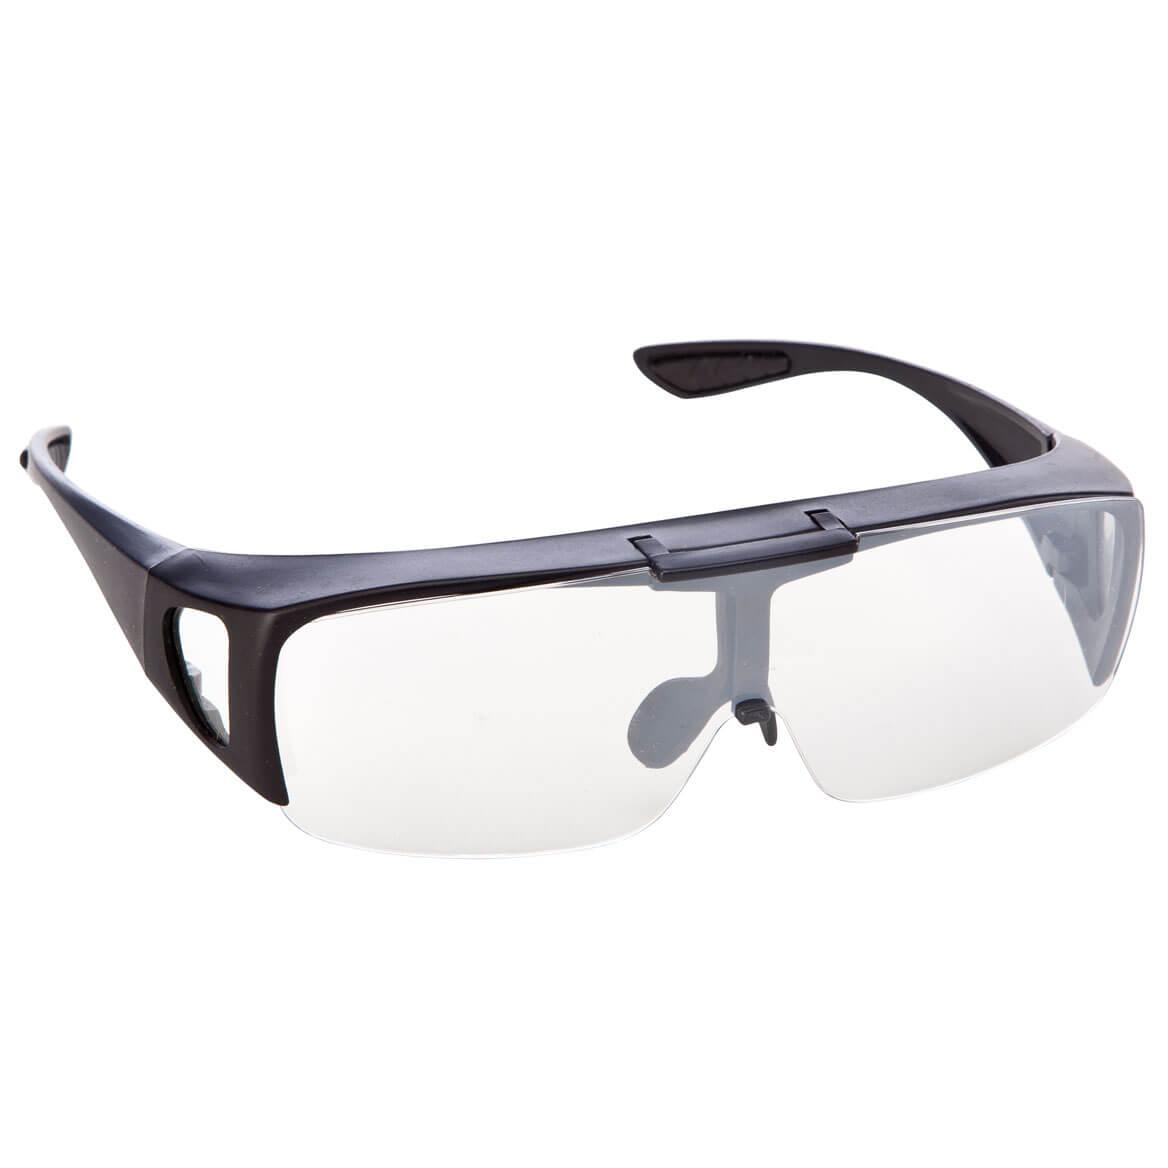 Flip Glasses